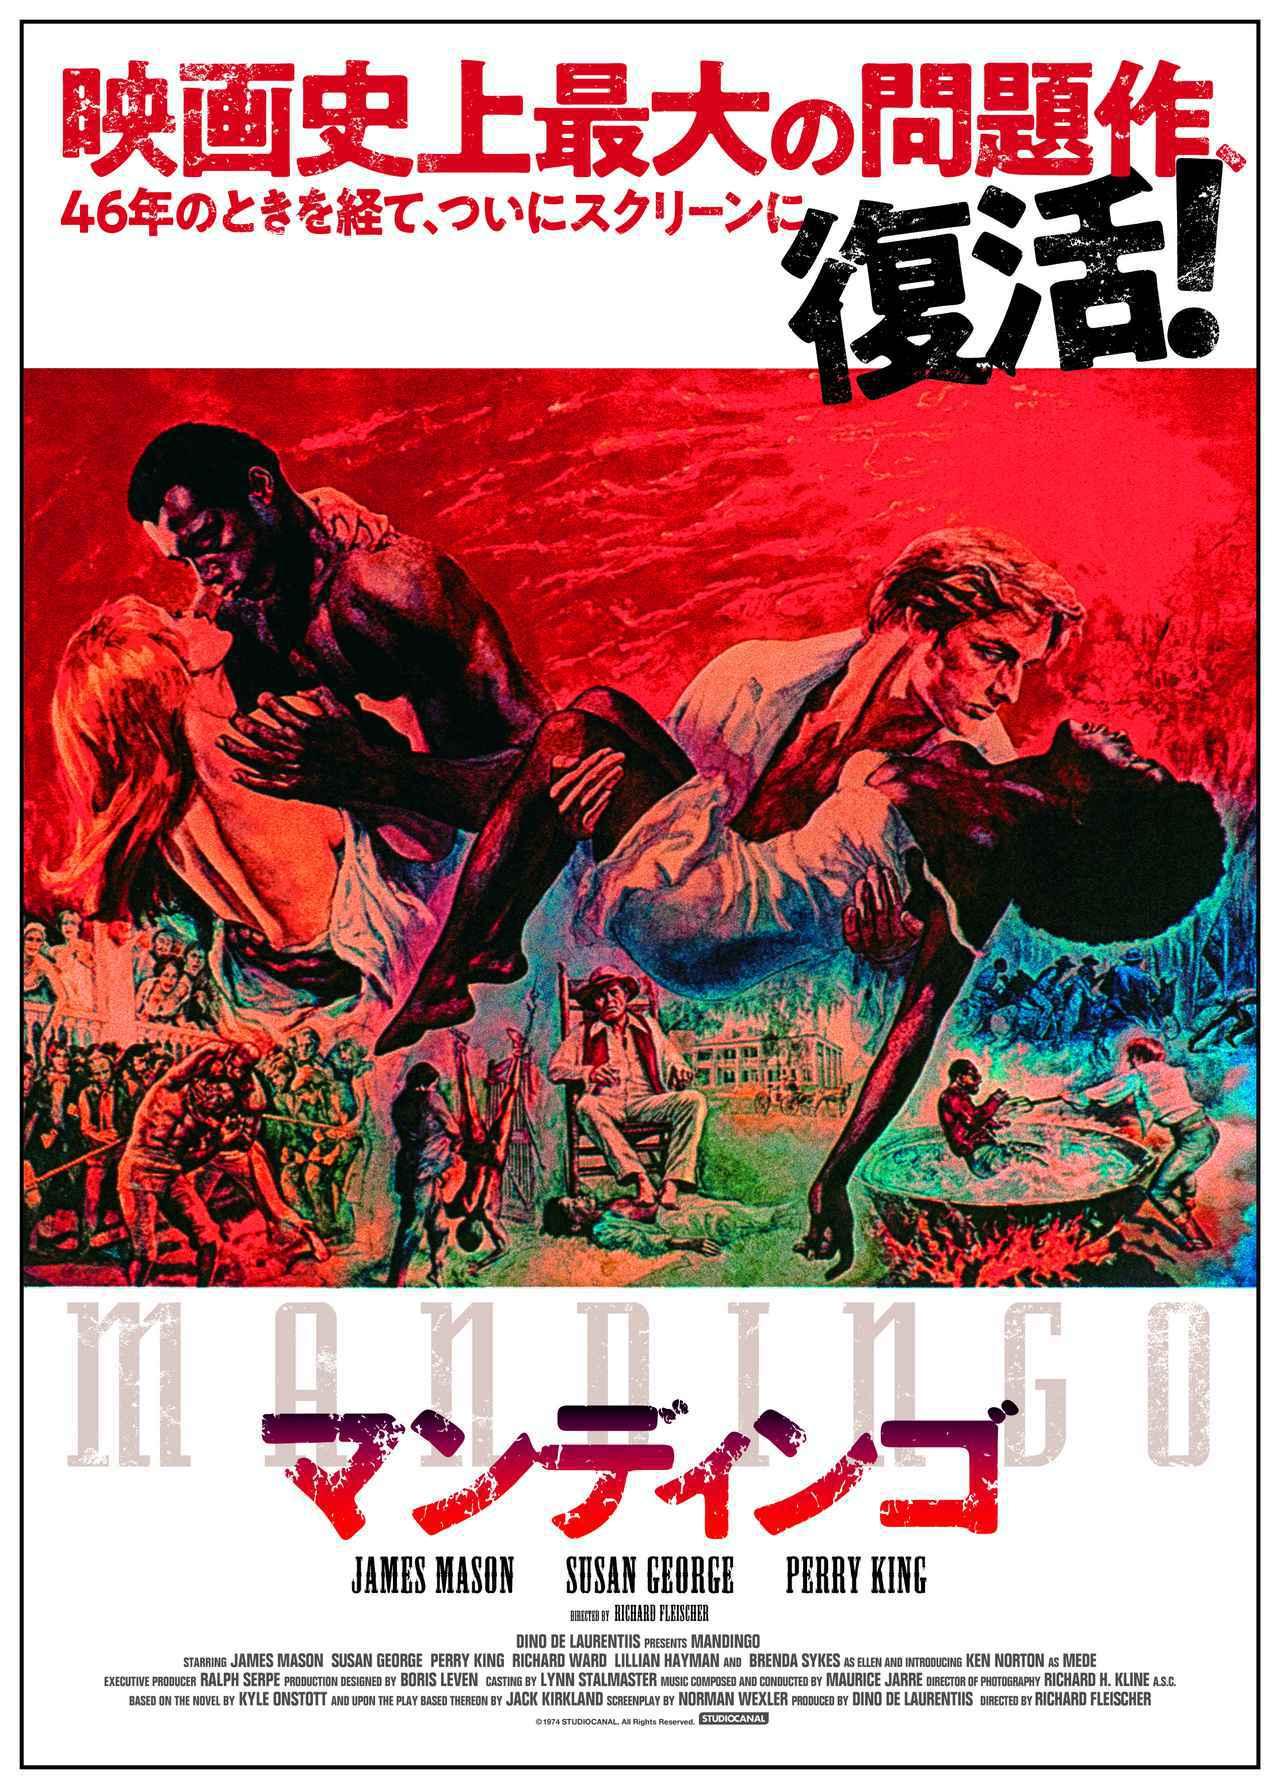 """画像1: 映画史上最大の問題作、46年のときを経て、ついに復活!リチャード・フライシャー監督『マンディンゴ』予告編が完成&山田宏一氏より""""檄文""""到着!"""